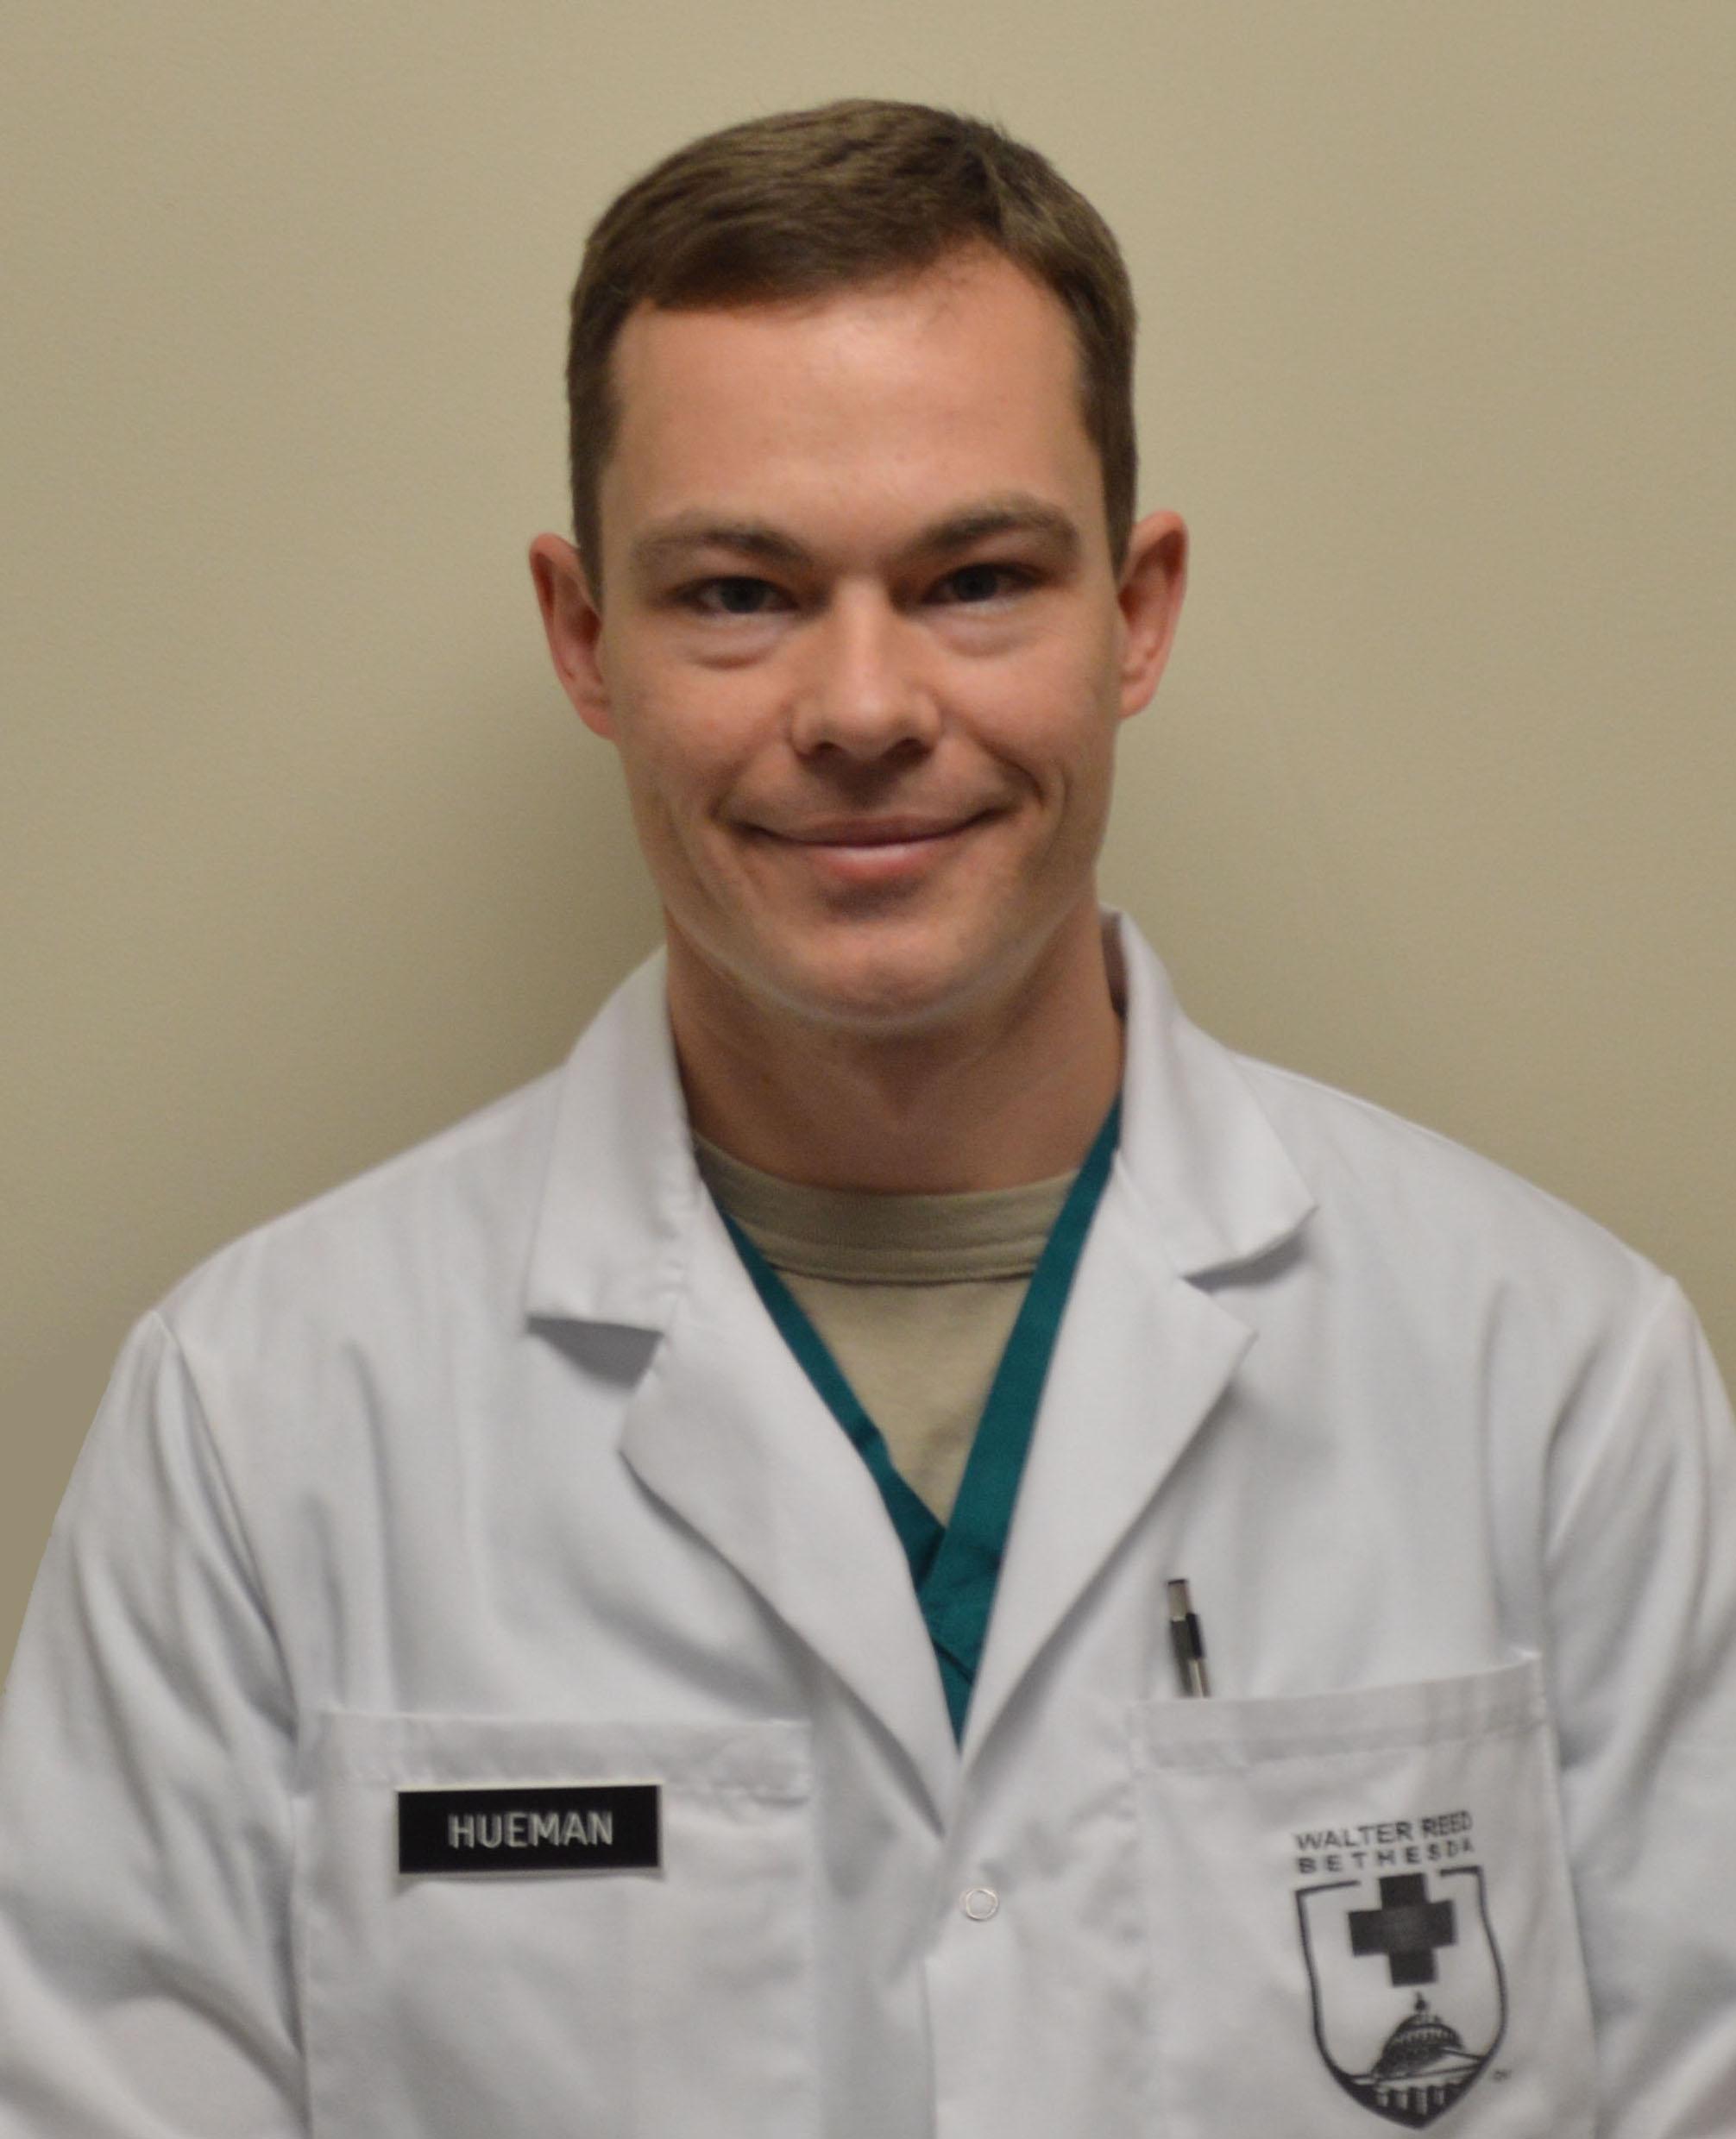 Matthew T. Hueman, MD, FACS Bio